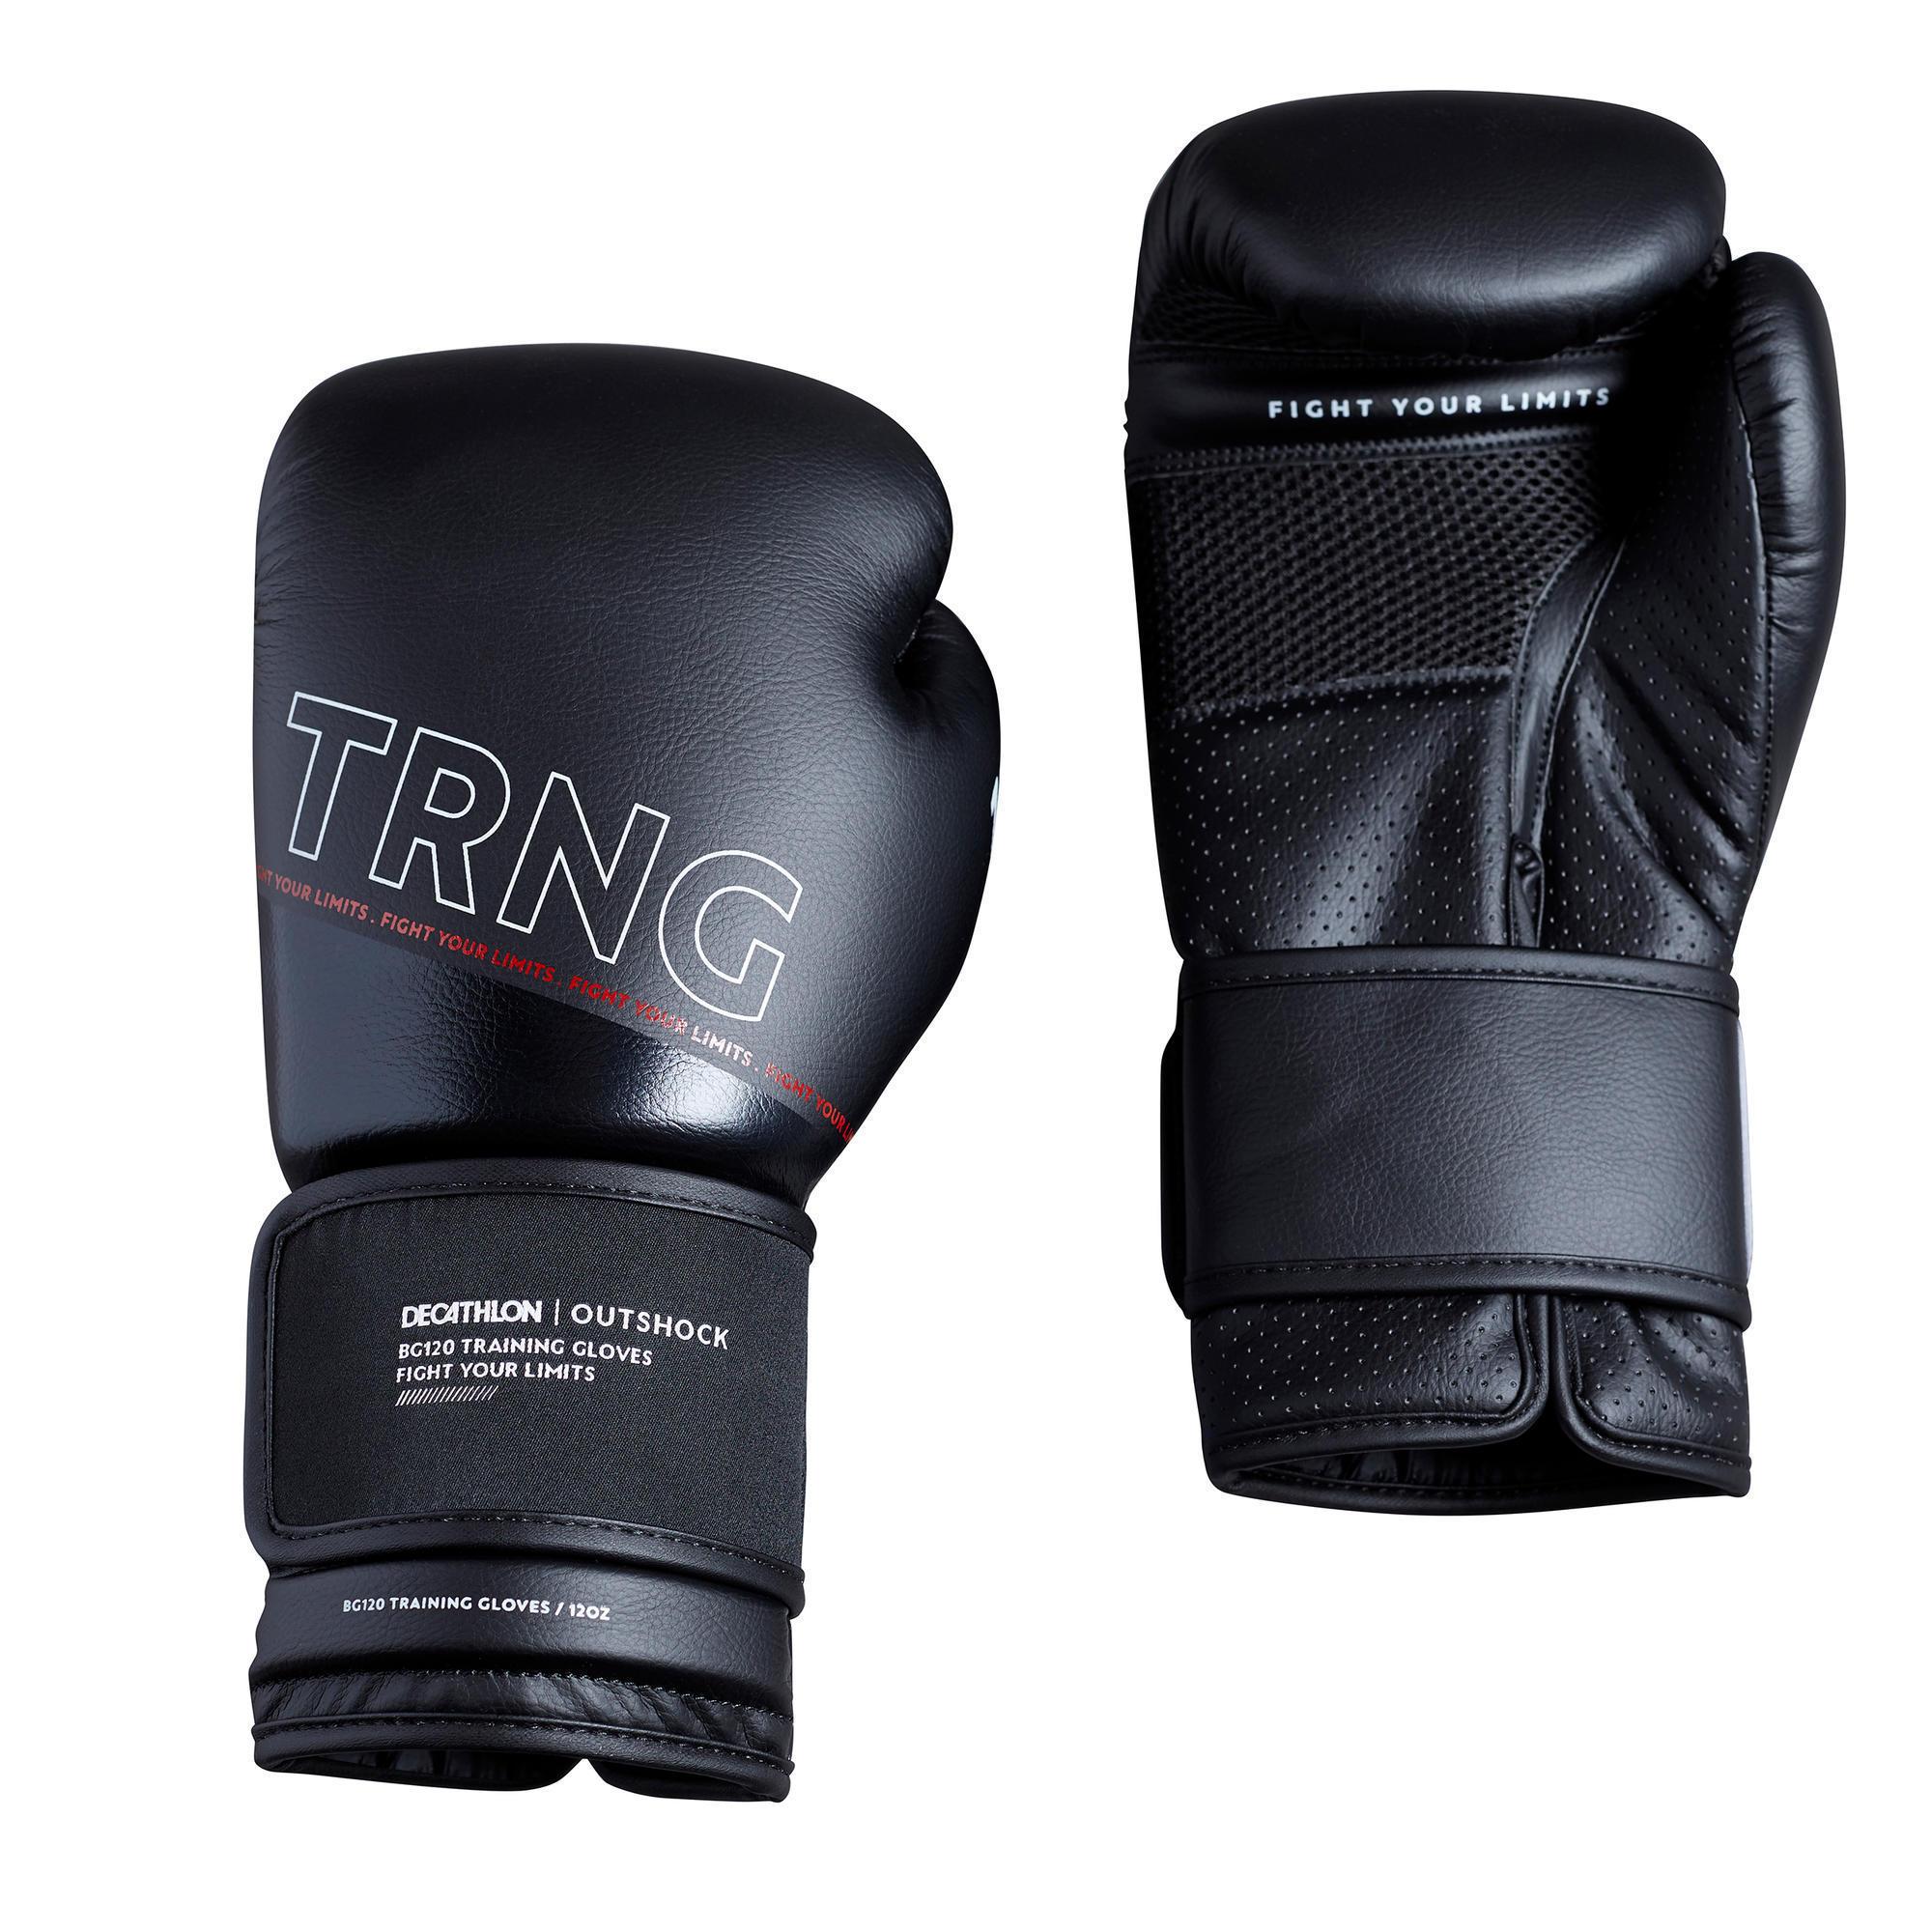 Gants pour Enfants Muay Thai et Kickboxing Rouge Gants de Boxe pour Enfants avec Fermeture Velcro Petits Gants de Boxe pour Enfants de 3 /à 12 Ans Gants dentra/înement 6 onces pour MMA